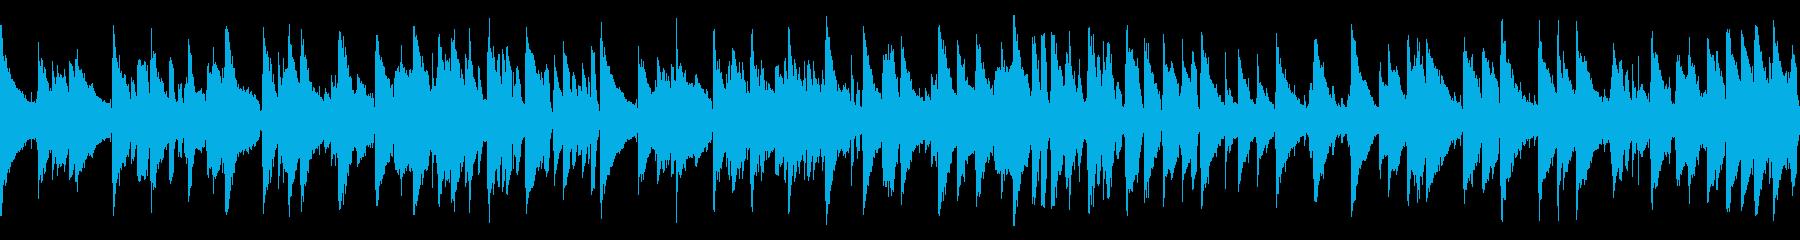 優雅なジャズでショパンの名曲(ループの再生済みの波形